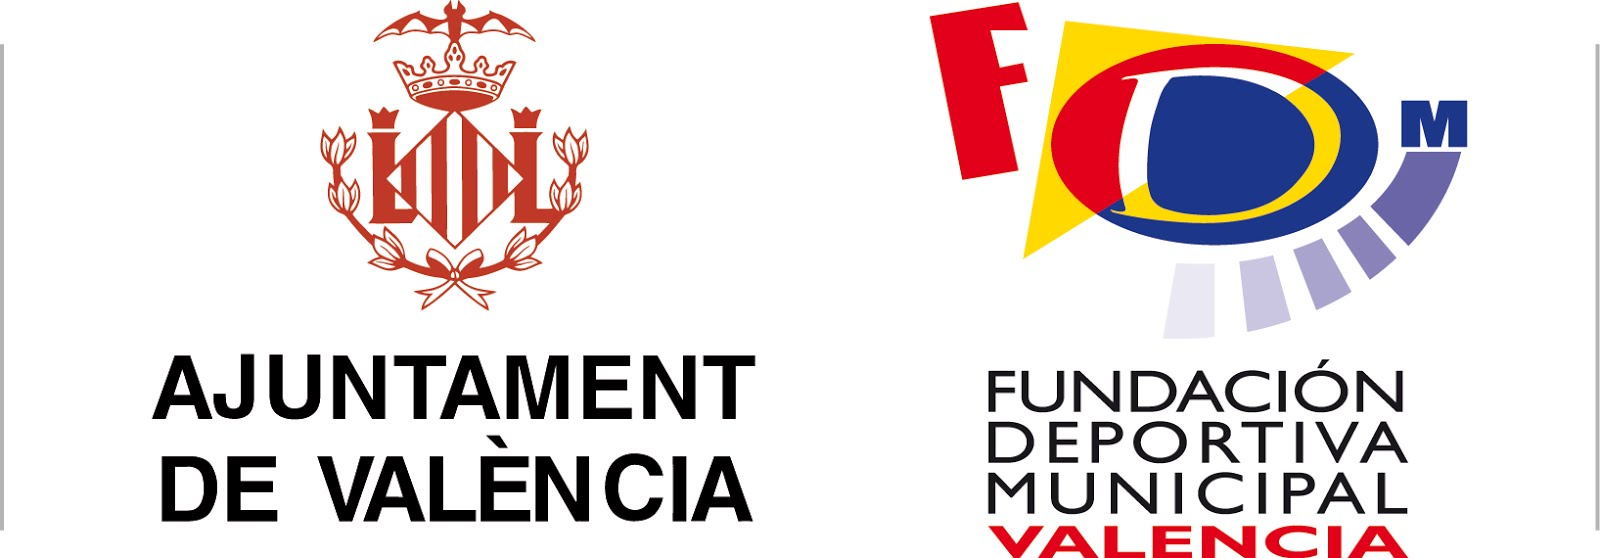 Ajuntament de Valencia - Fundación Deportiva Municipal